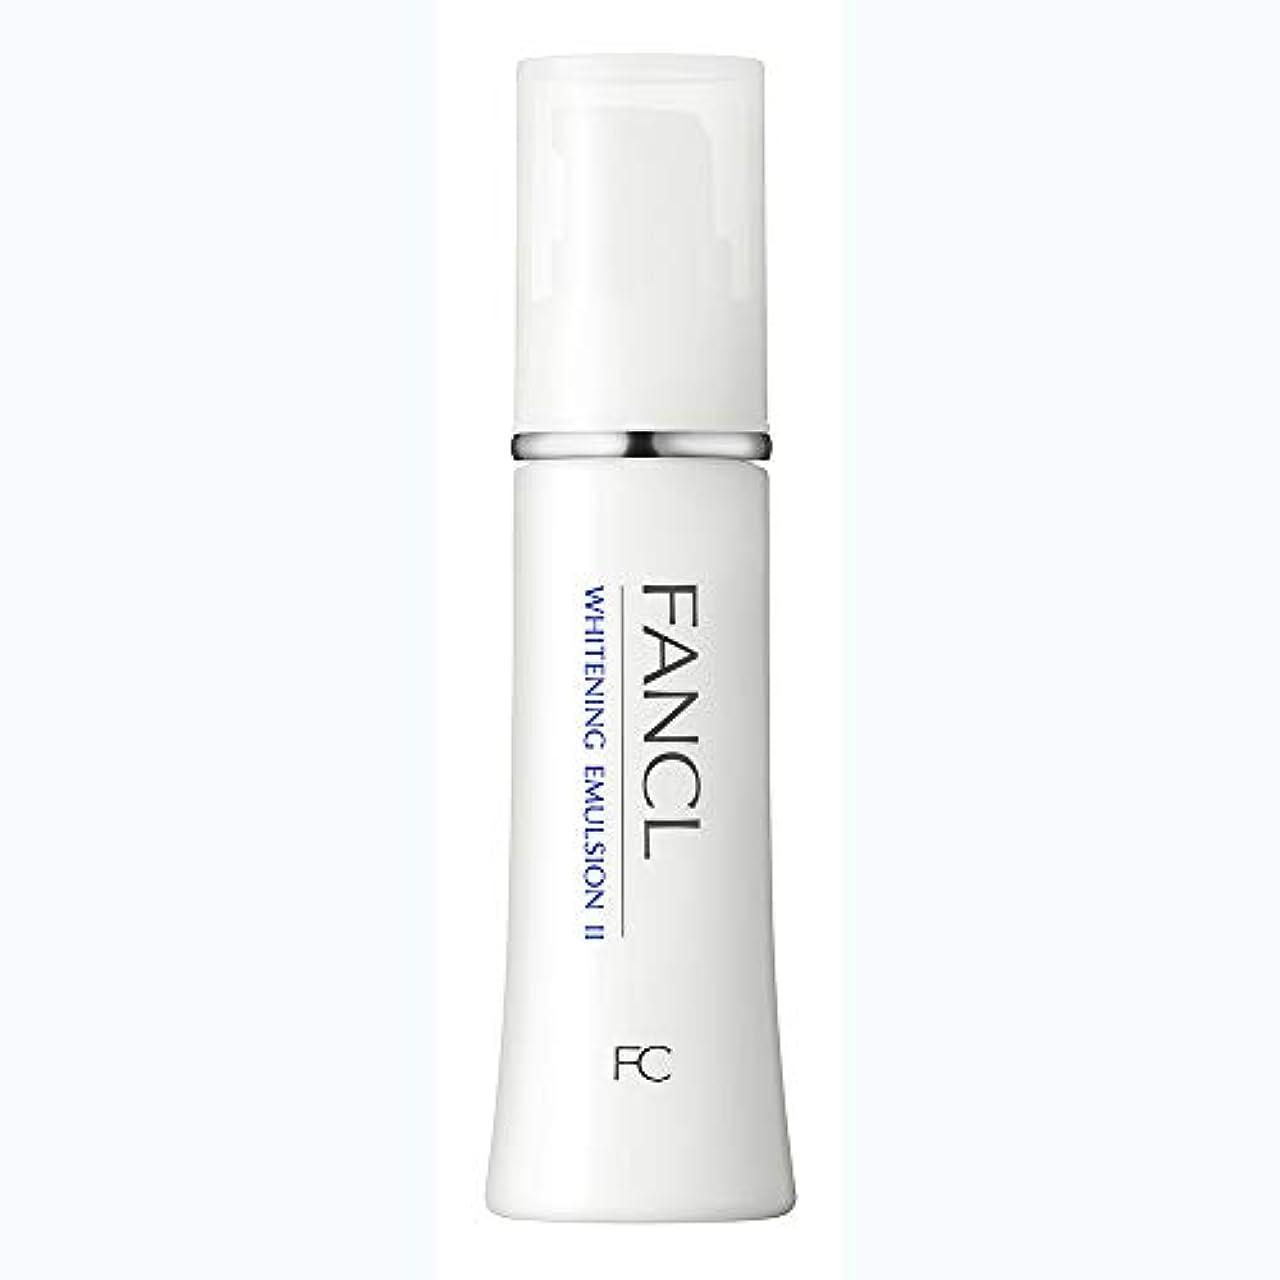 不公平不承認蒸留するファンケル(FANCL) 新 ホワイトニング 乳液 II しっとり 1本 30mL<医薬部外品>